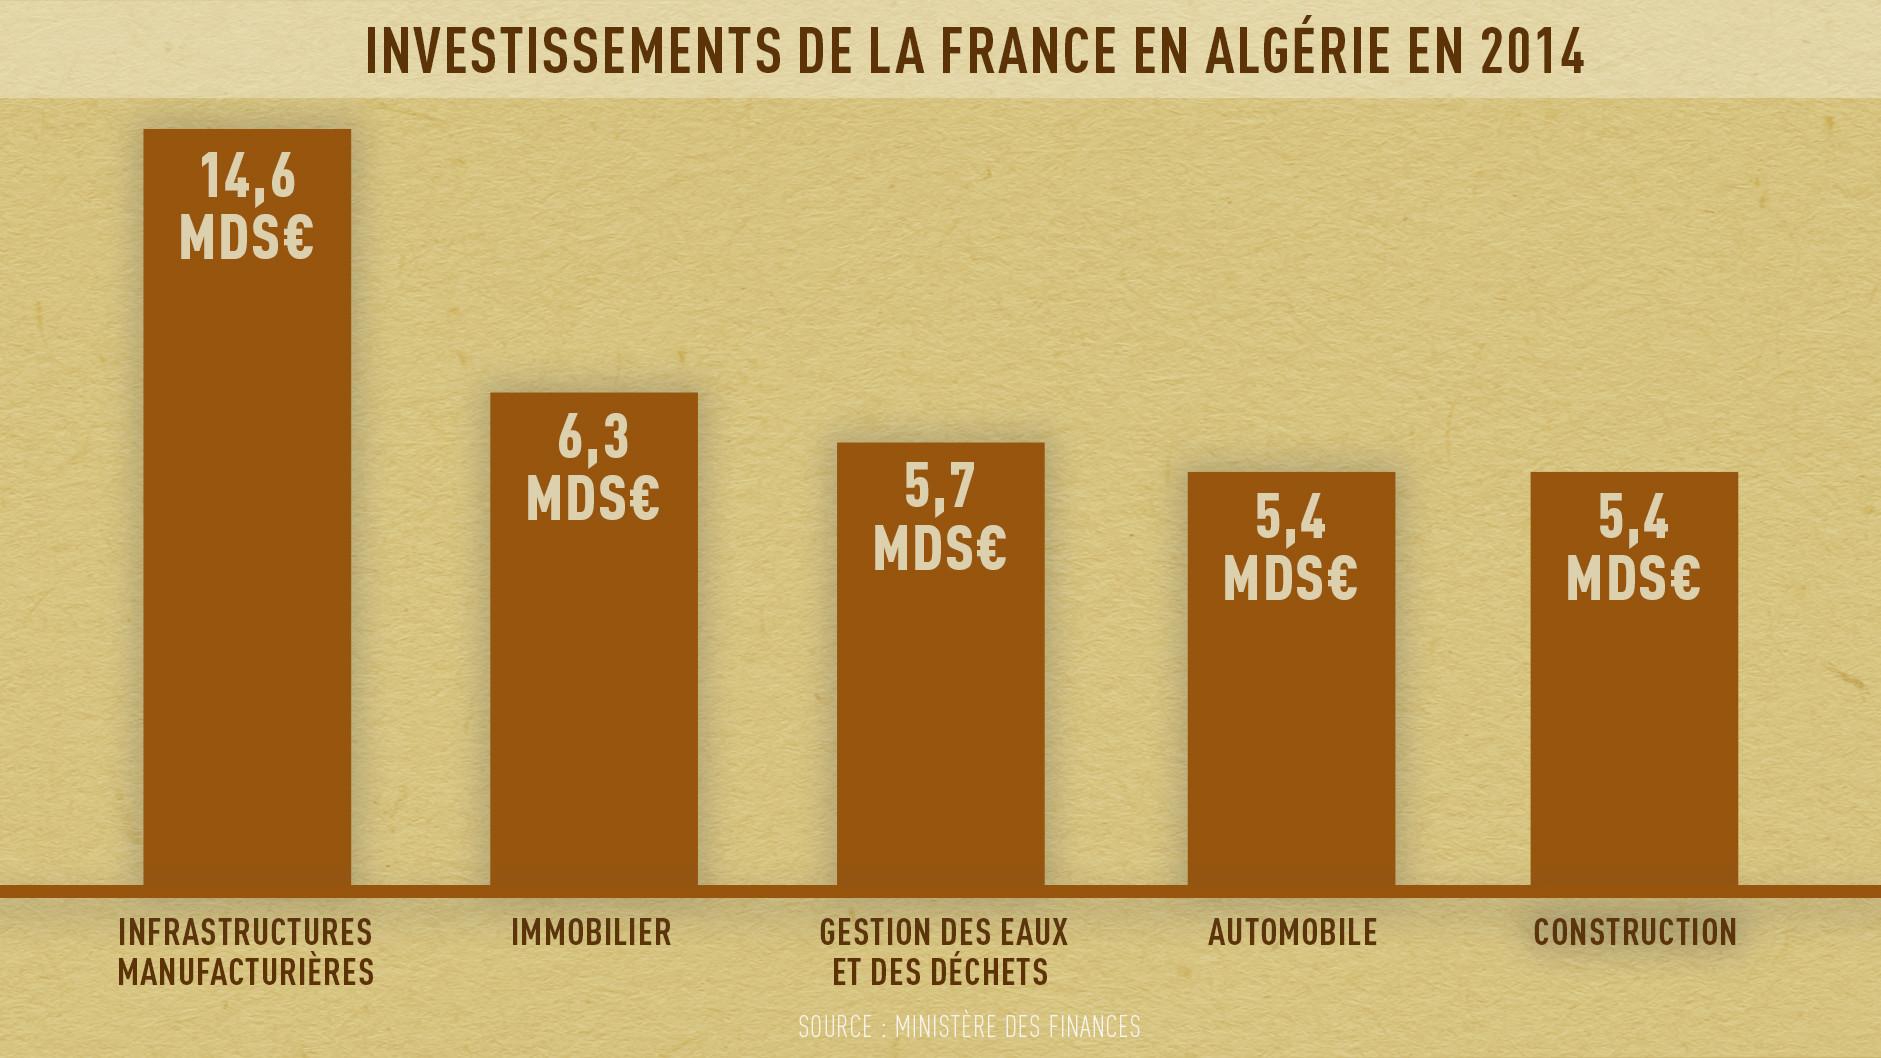 Investissements de la France en Algérie en 2014